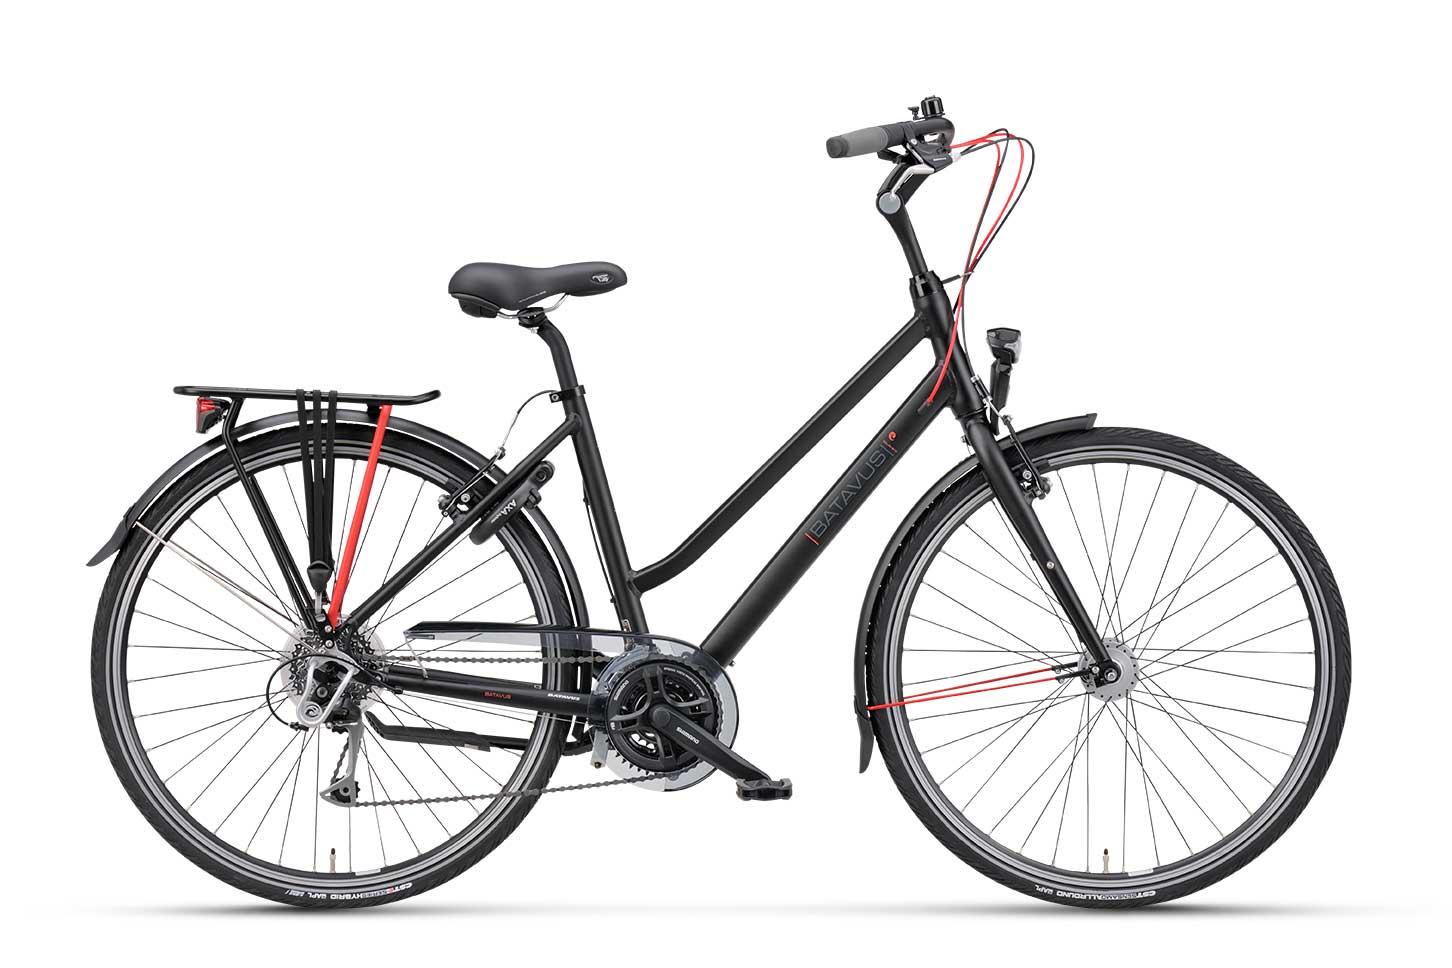 hybride fiets, fiets met versnellingen, Batavus Boulevard, een fiets met 24 versnellingen, dames